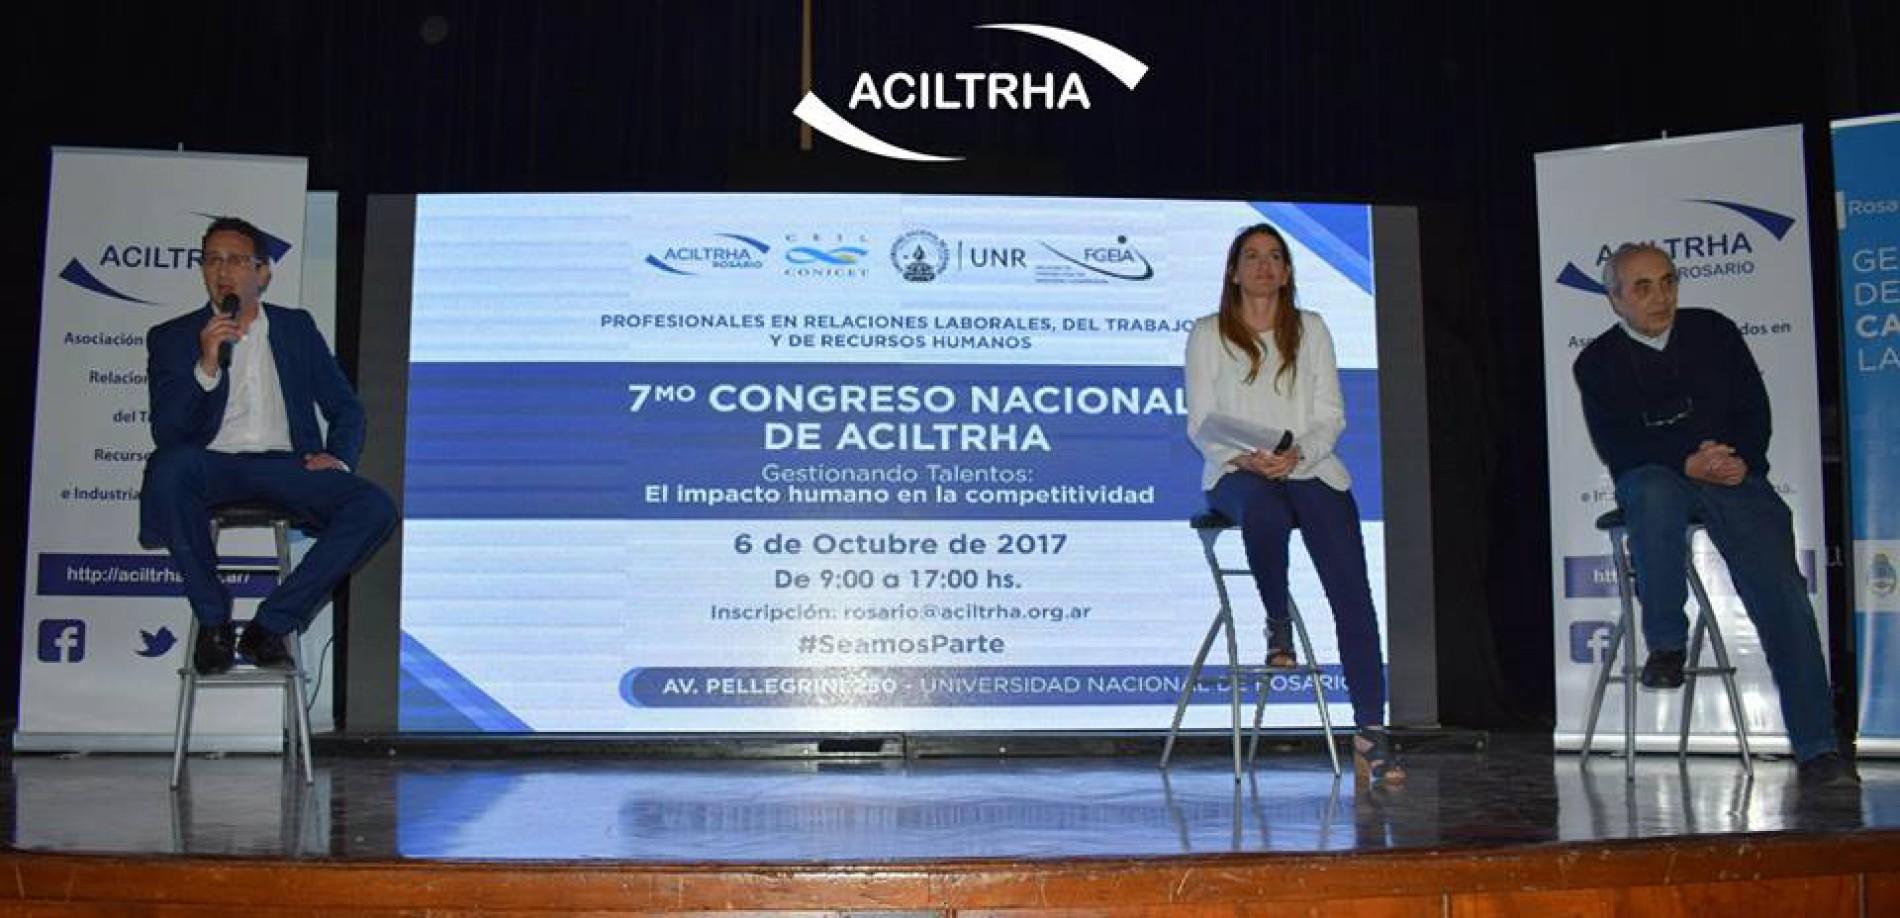 7mo CONGRESO NACIONAL DE ACILTRHA «Gestionando Talentos: el impacto humano en la competitividad» | 2017